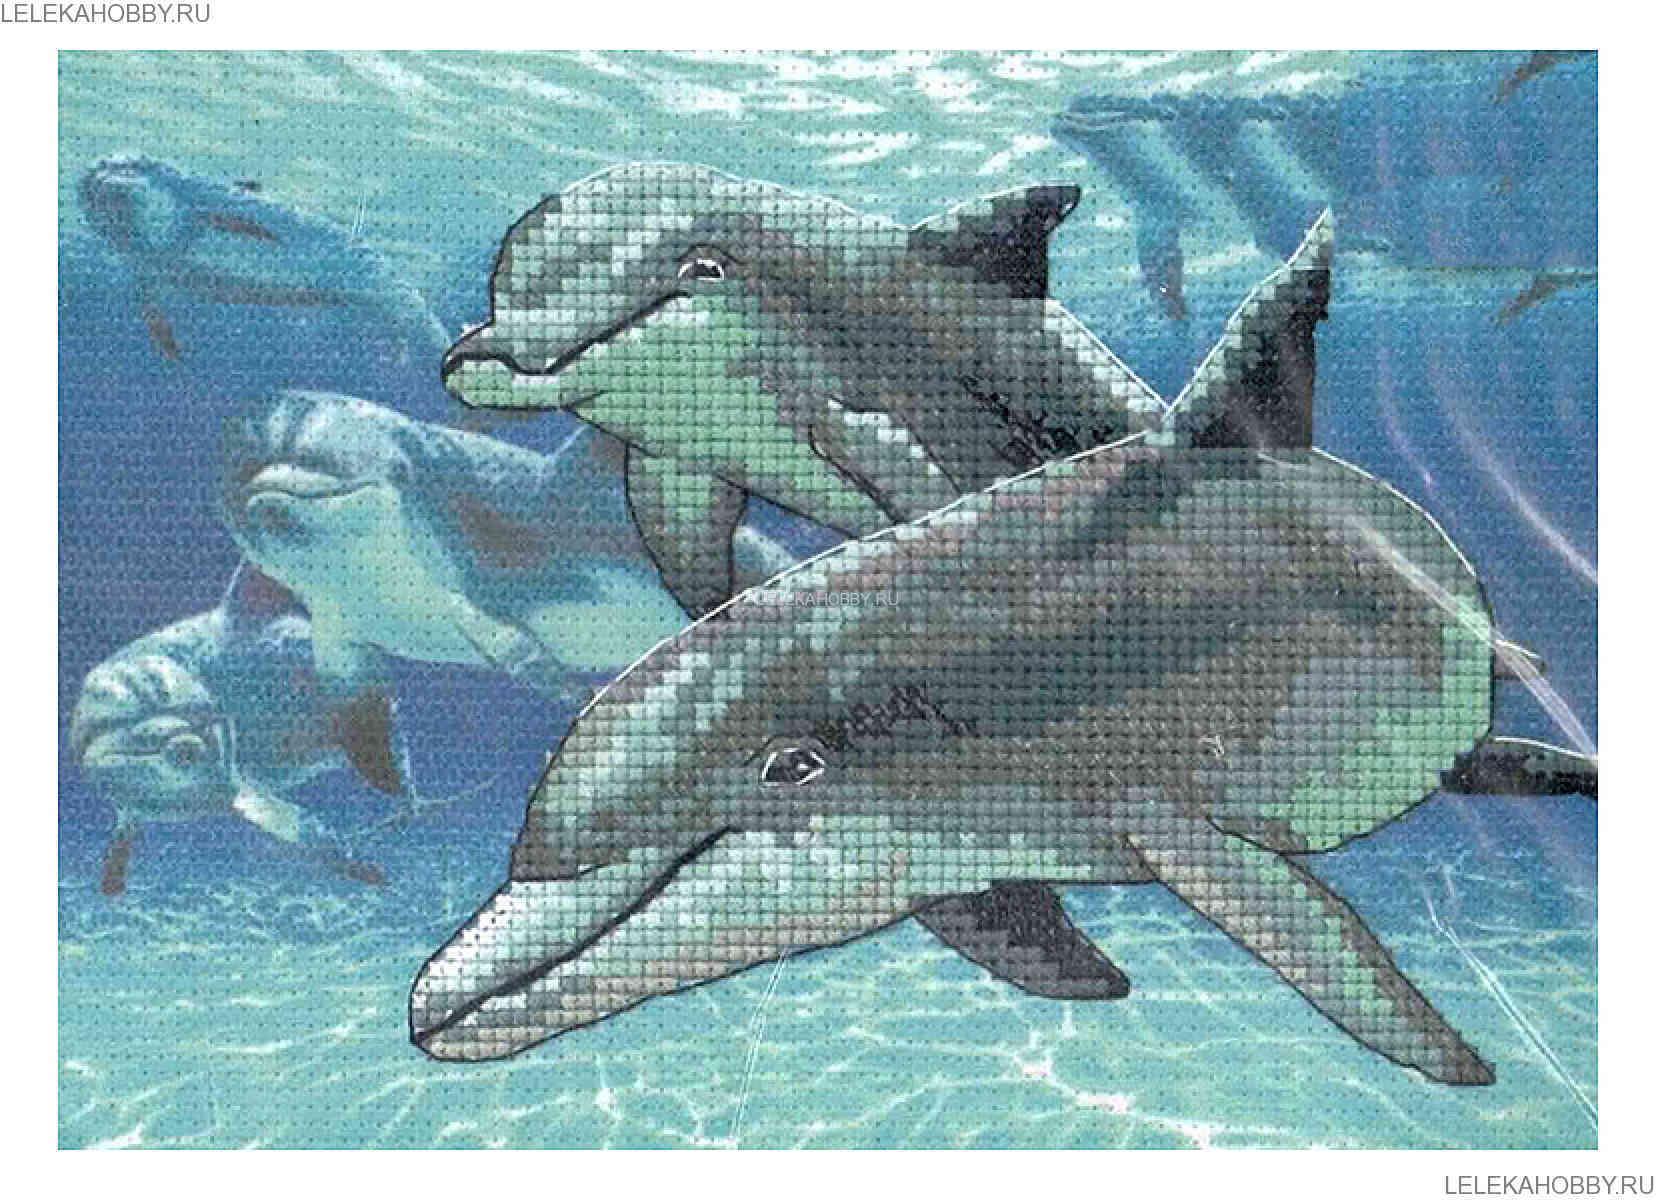 дельфины от дименшенс картинки провода затем